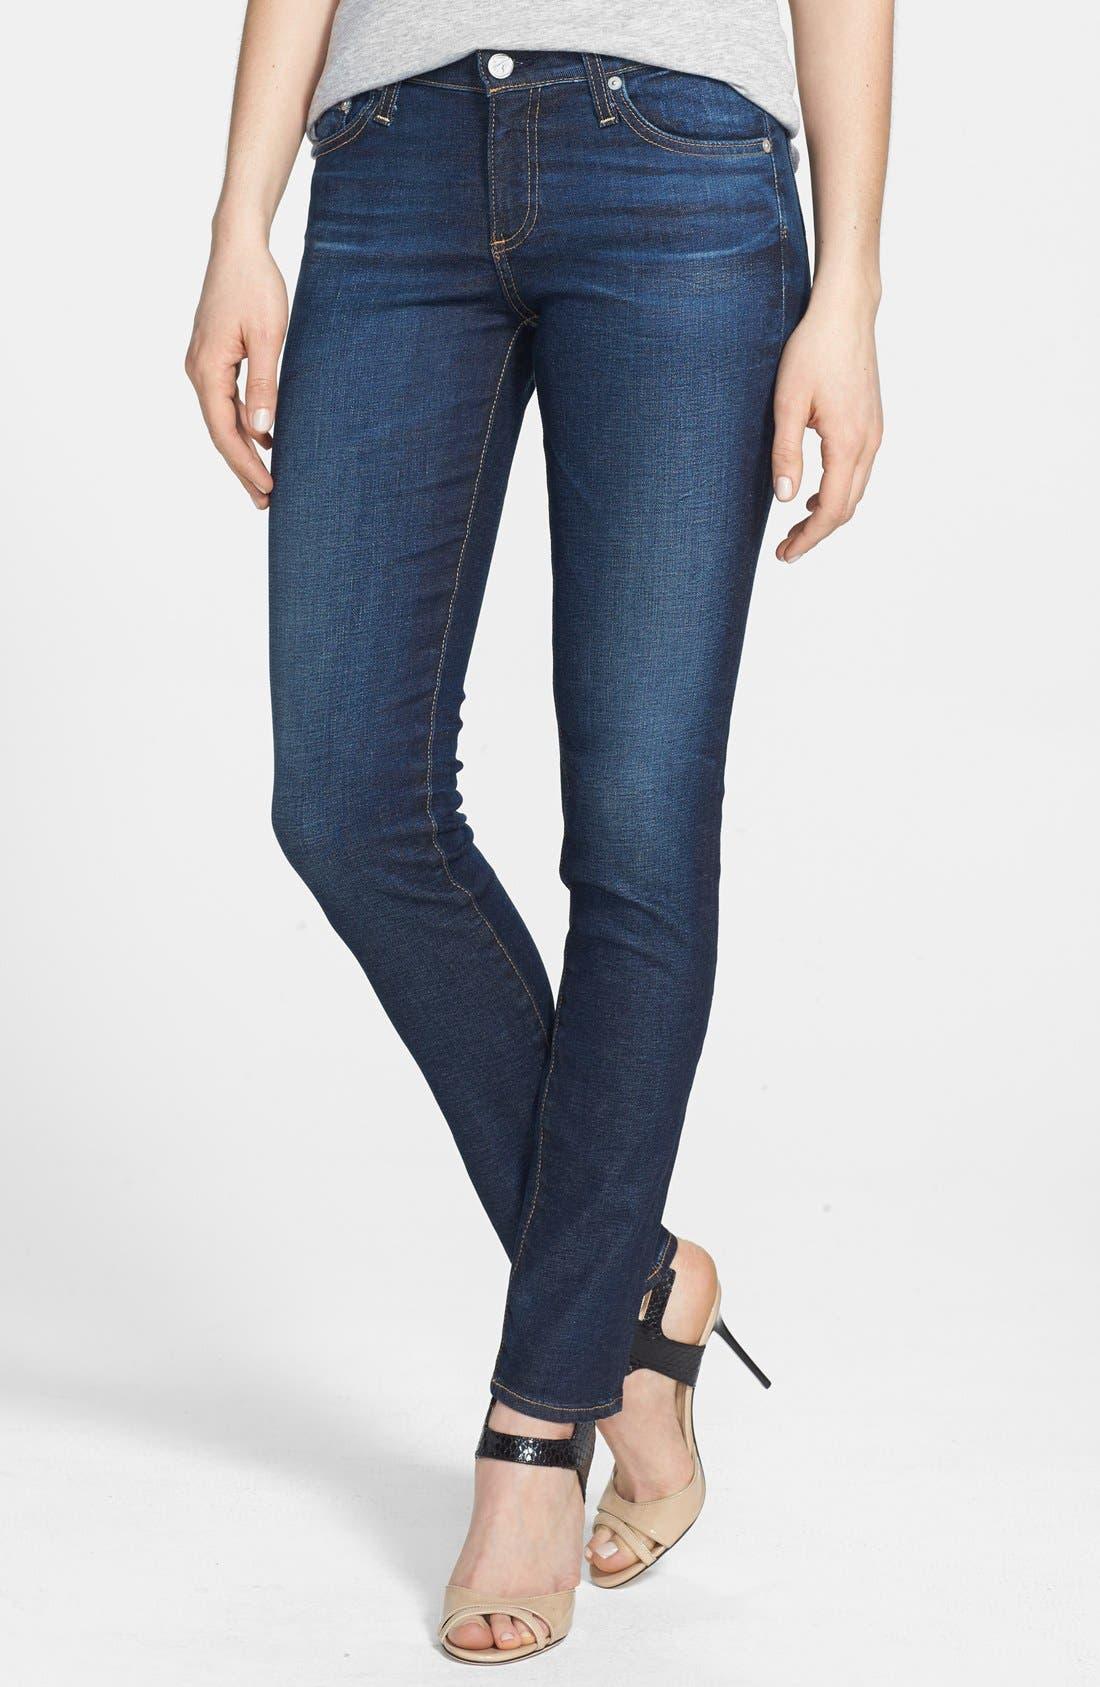 Alternate Image 1 Selected - AG 'The Stilt' Cigarette Leg Jeans (Three Year Propell)